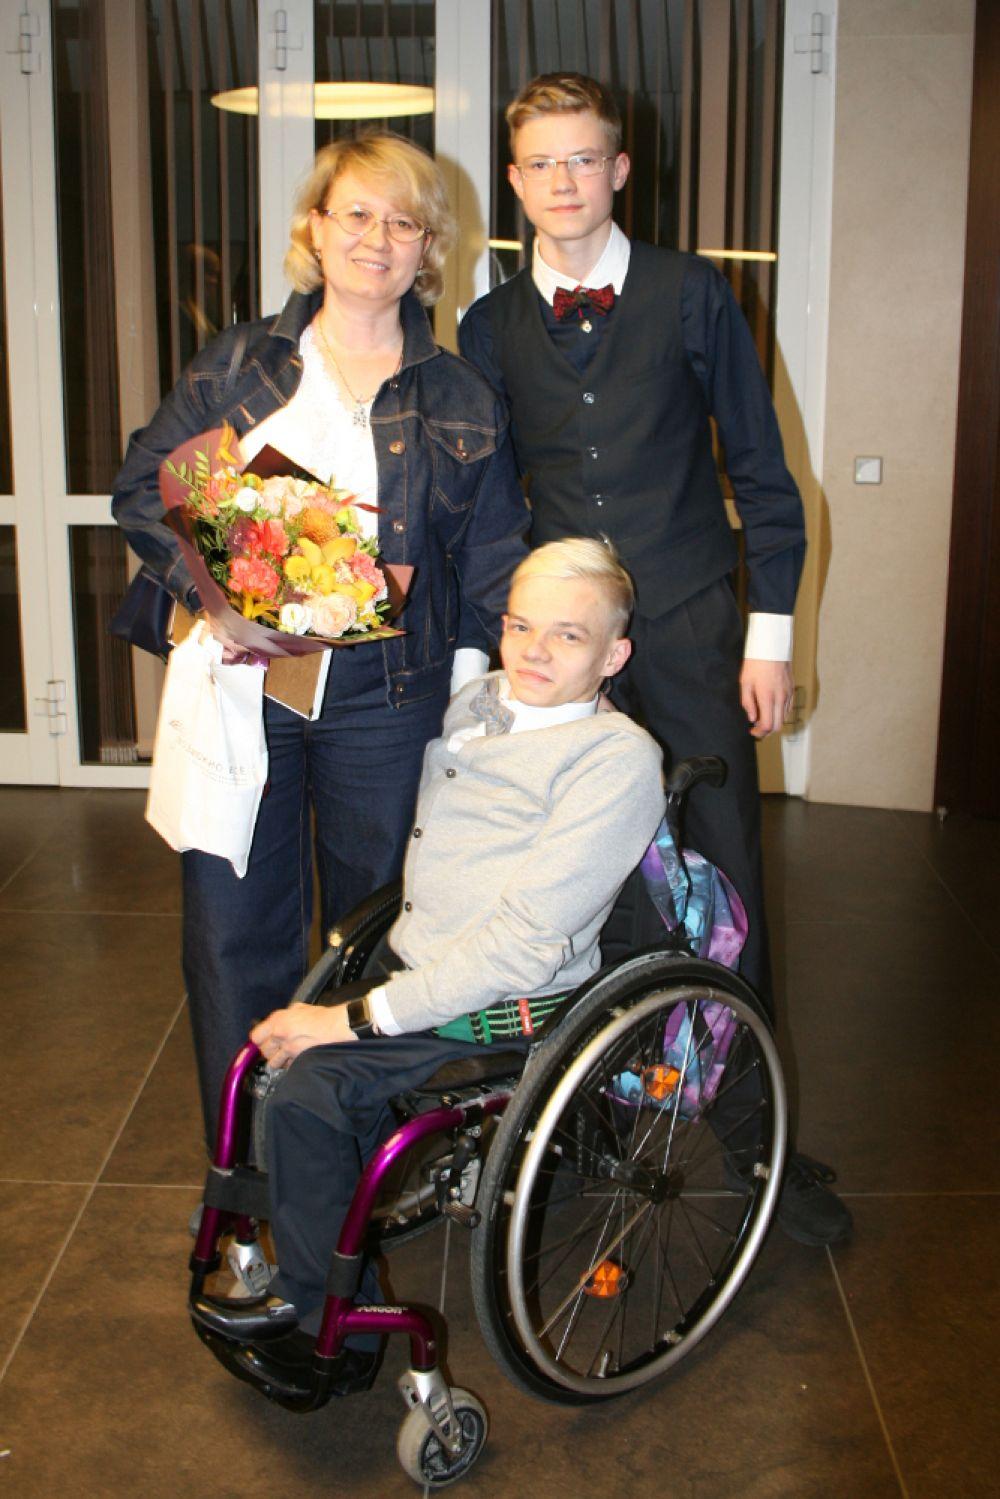 За актера инклюзивной театральной студии Никиту Устьянцева болели мама и брат.